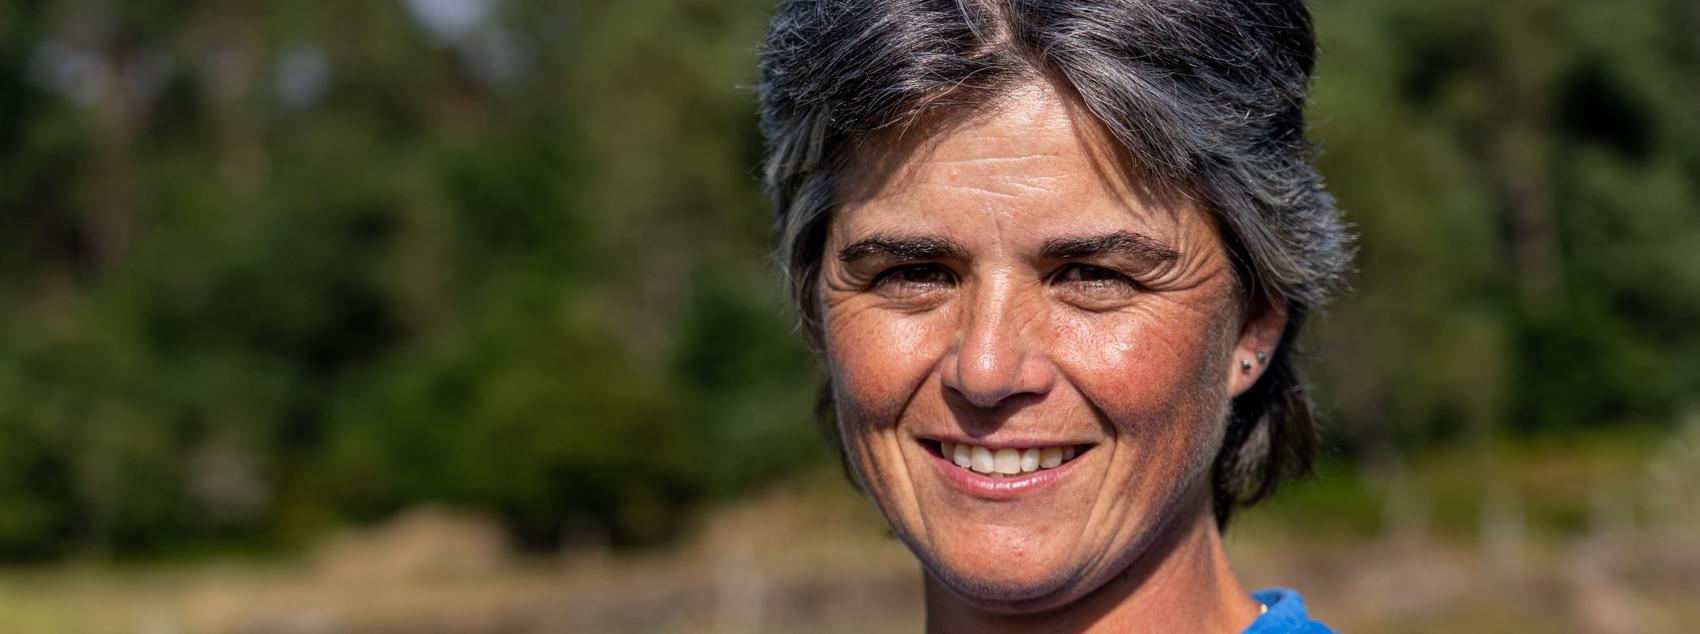 Sandra Gonçalves, pastora em Arga de Cima